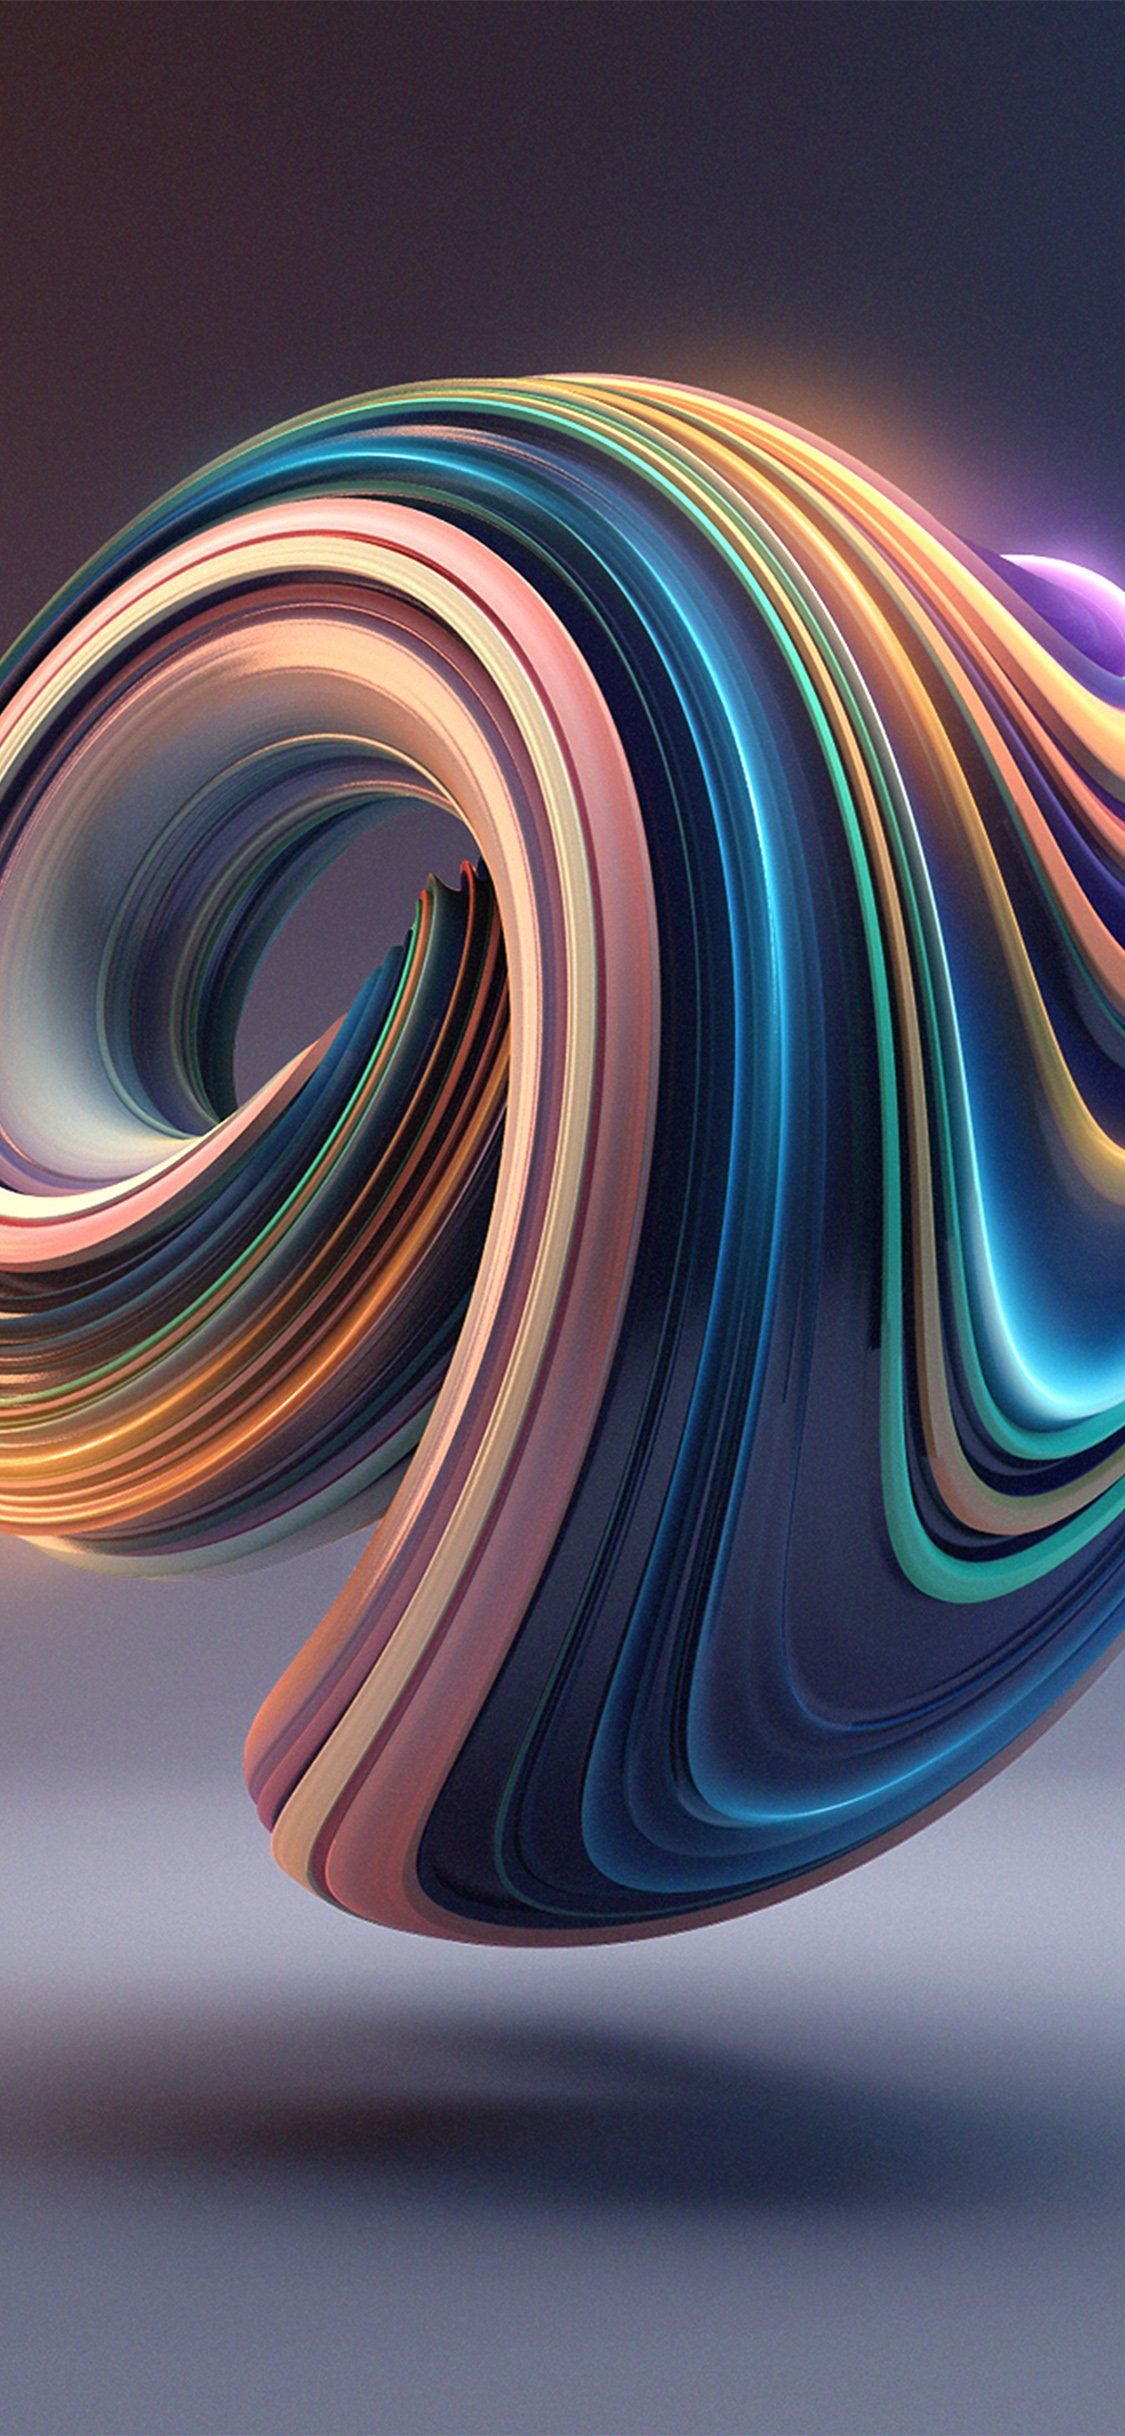 Iphonexpapers Com Apple Iphone Wallpaper Bb01 Digital Art Color Circle Illustration Art 3d 3d Wallpaper For Mobile Art Wallpaper Iphone Android Wallpaper